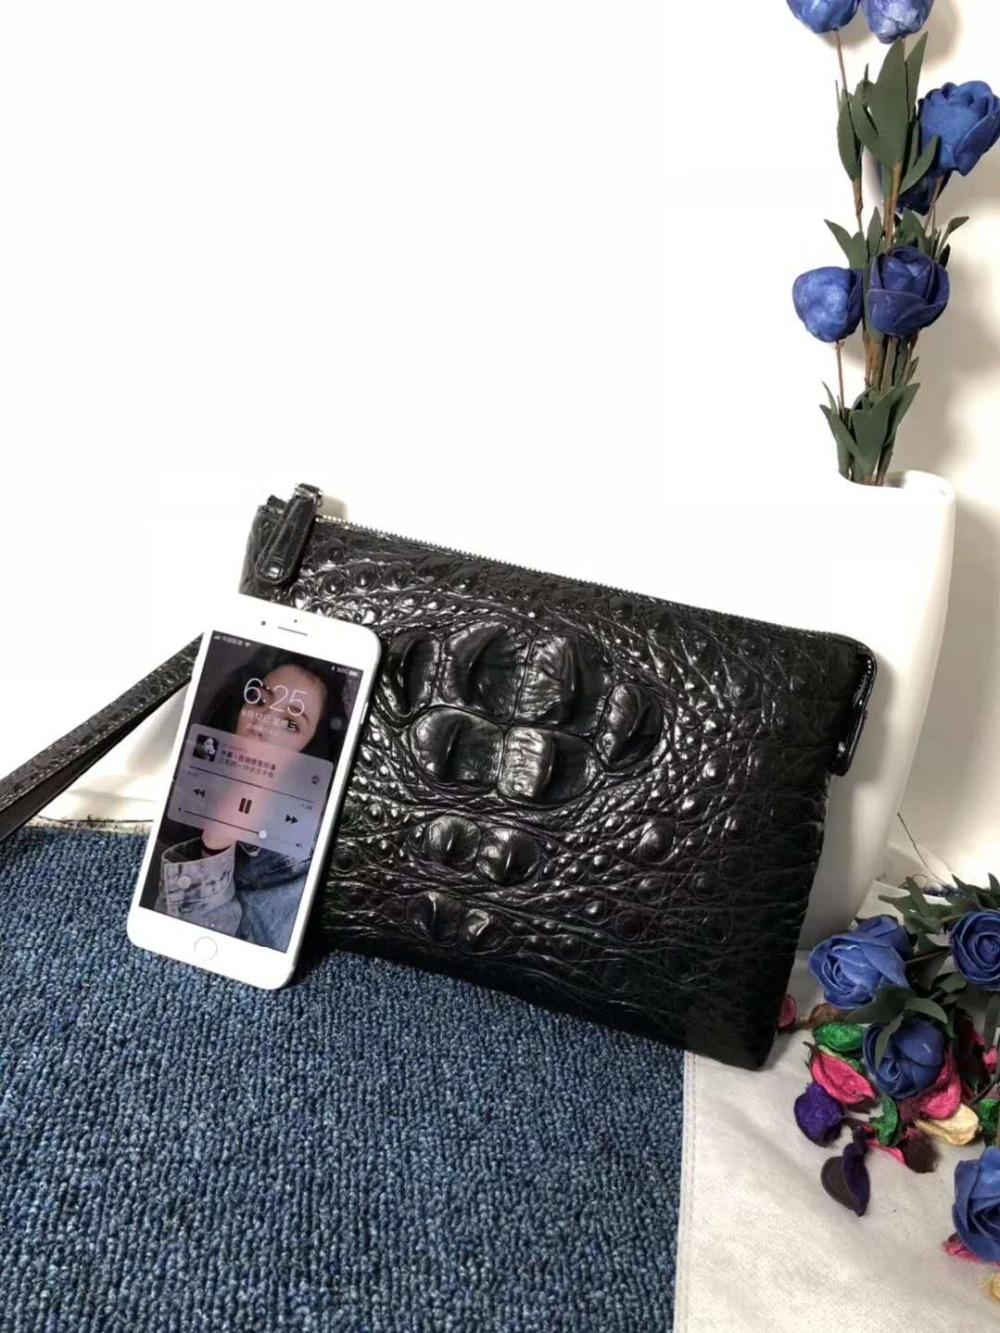 Kupplung Kopf Alligator Hervorragende Krokodil Halter Und Qualität Leder Brieftasche Farbe Geldbörse Größe Schwarz Große Echt Haut 100 Männer x8wBFn6qa